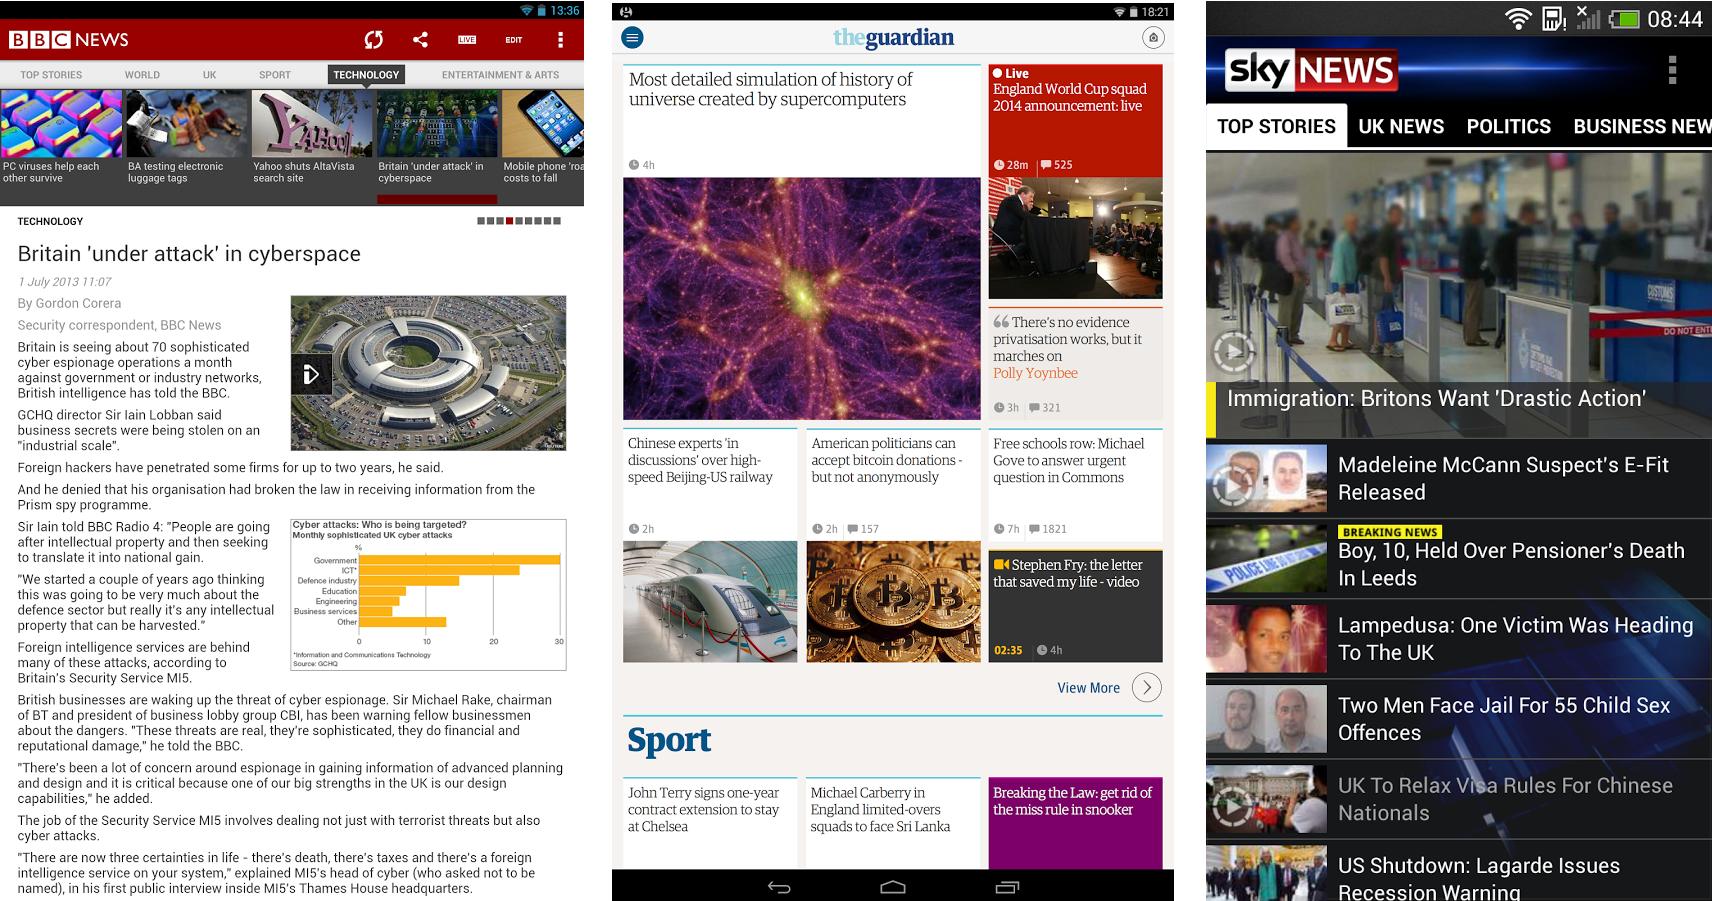 Digital News Overtakes Newspapers In Popularity